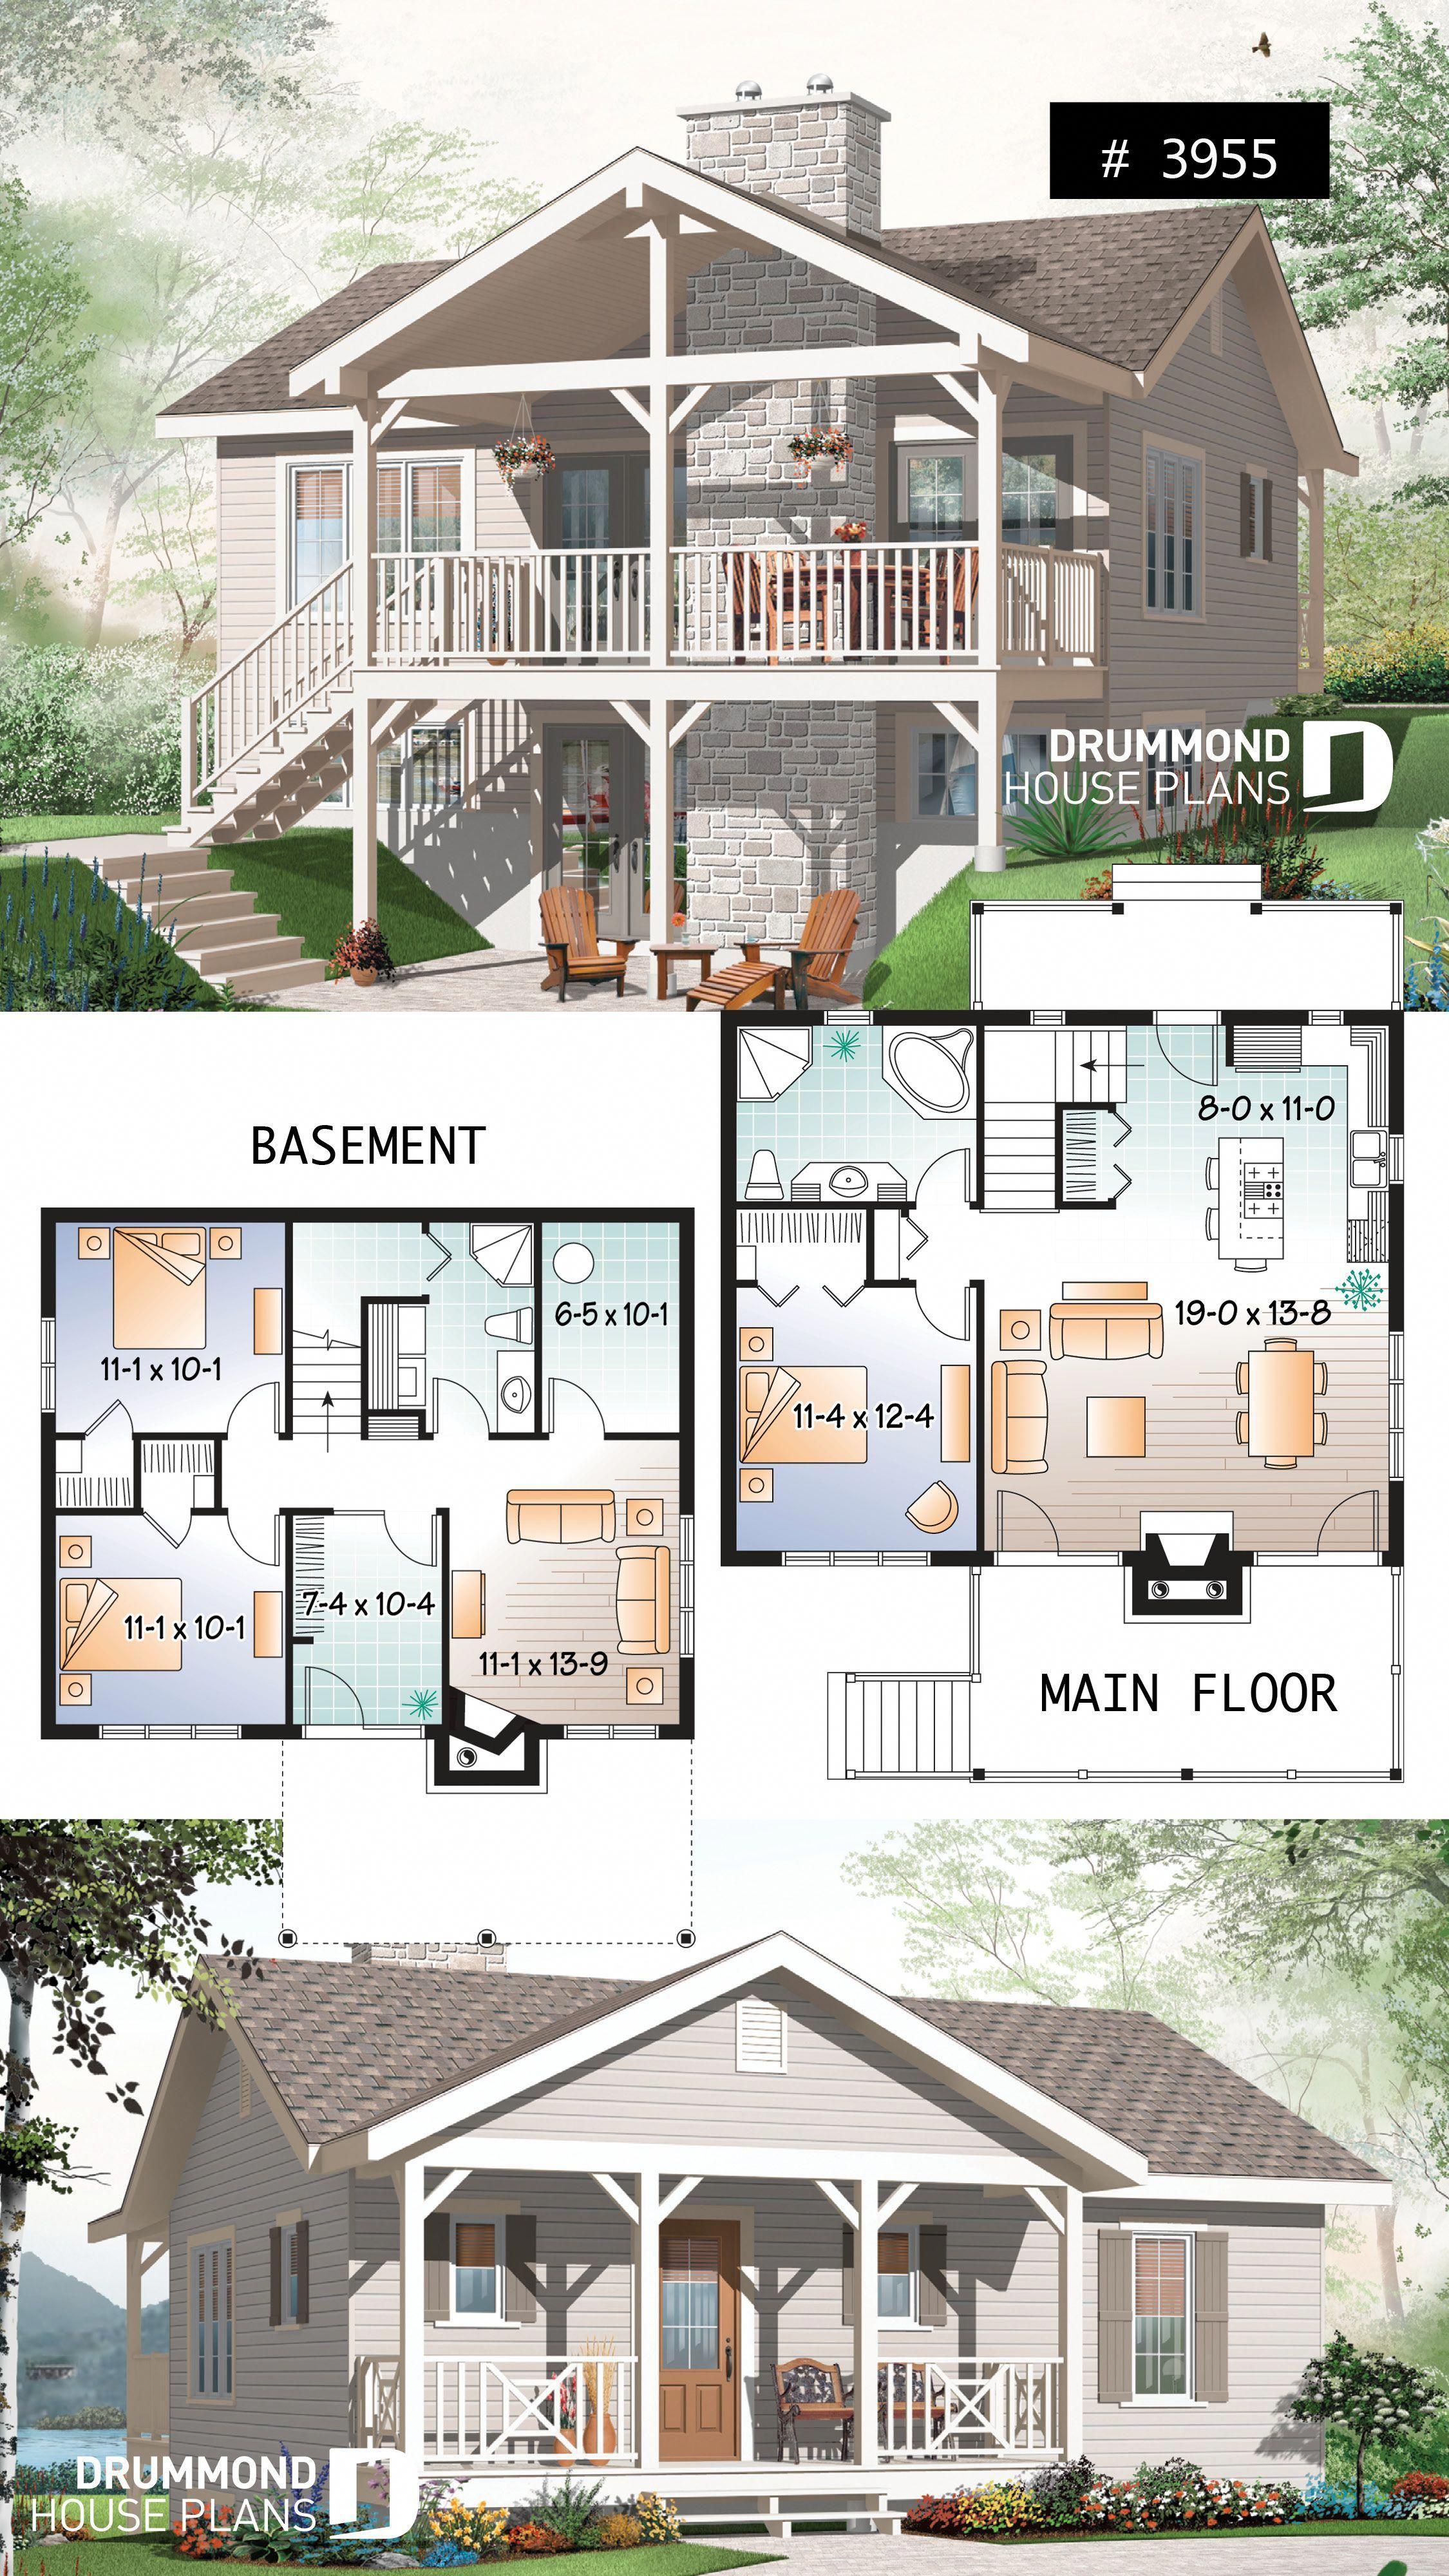 Affordable Basement Design Affordablebasementdesign Sims House Plans Lake House Plans Sims 4 House Building